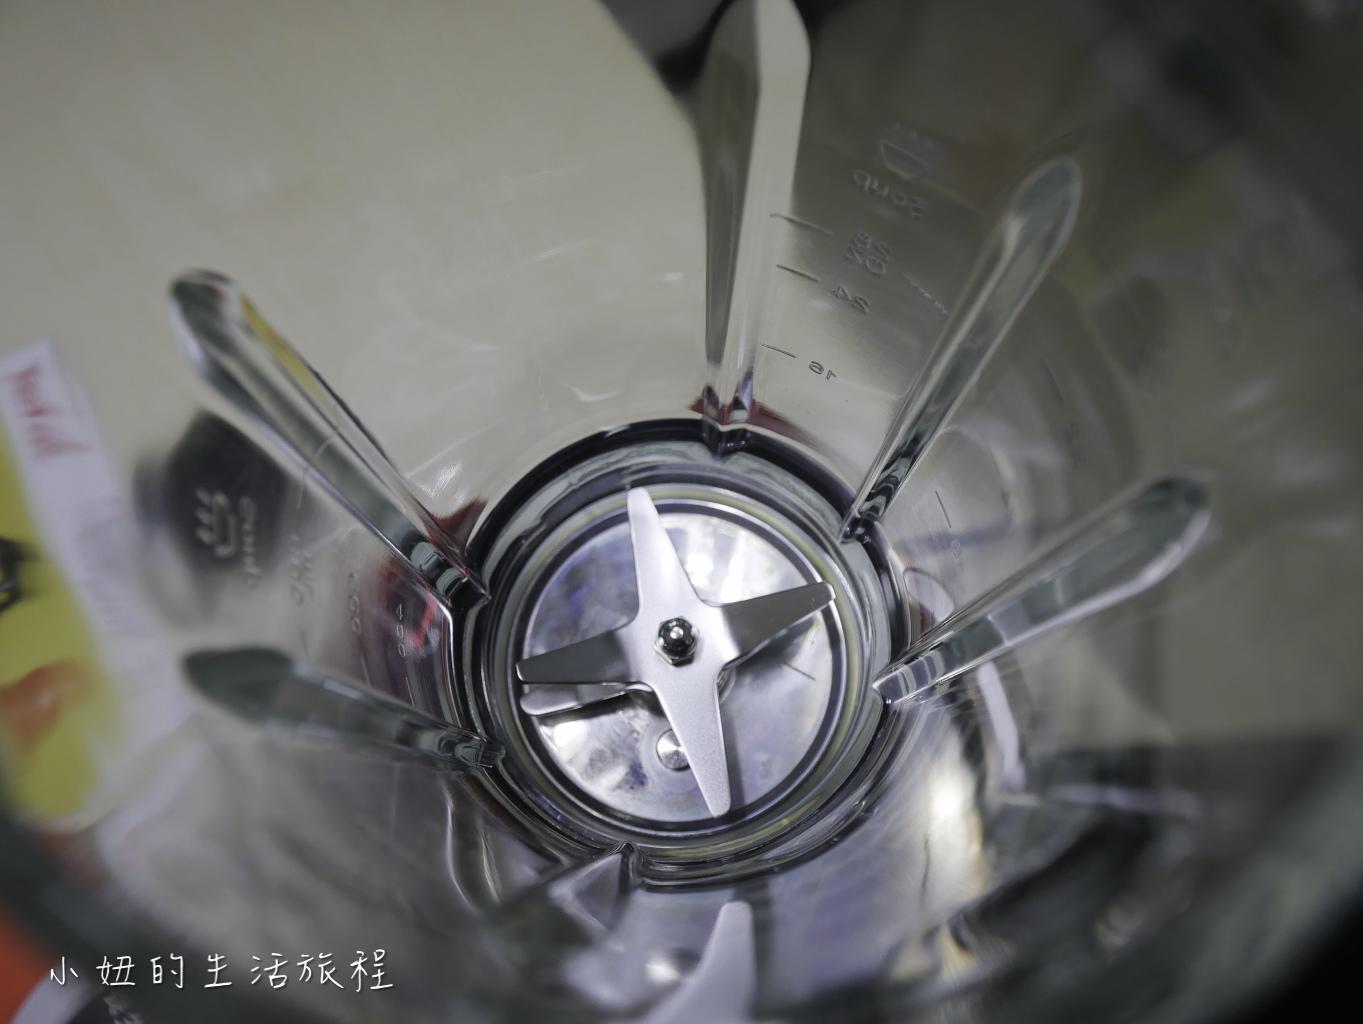 Tefal法國特福高速熱能營養調理機-5.jpg